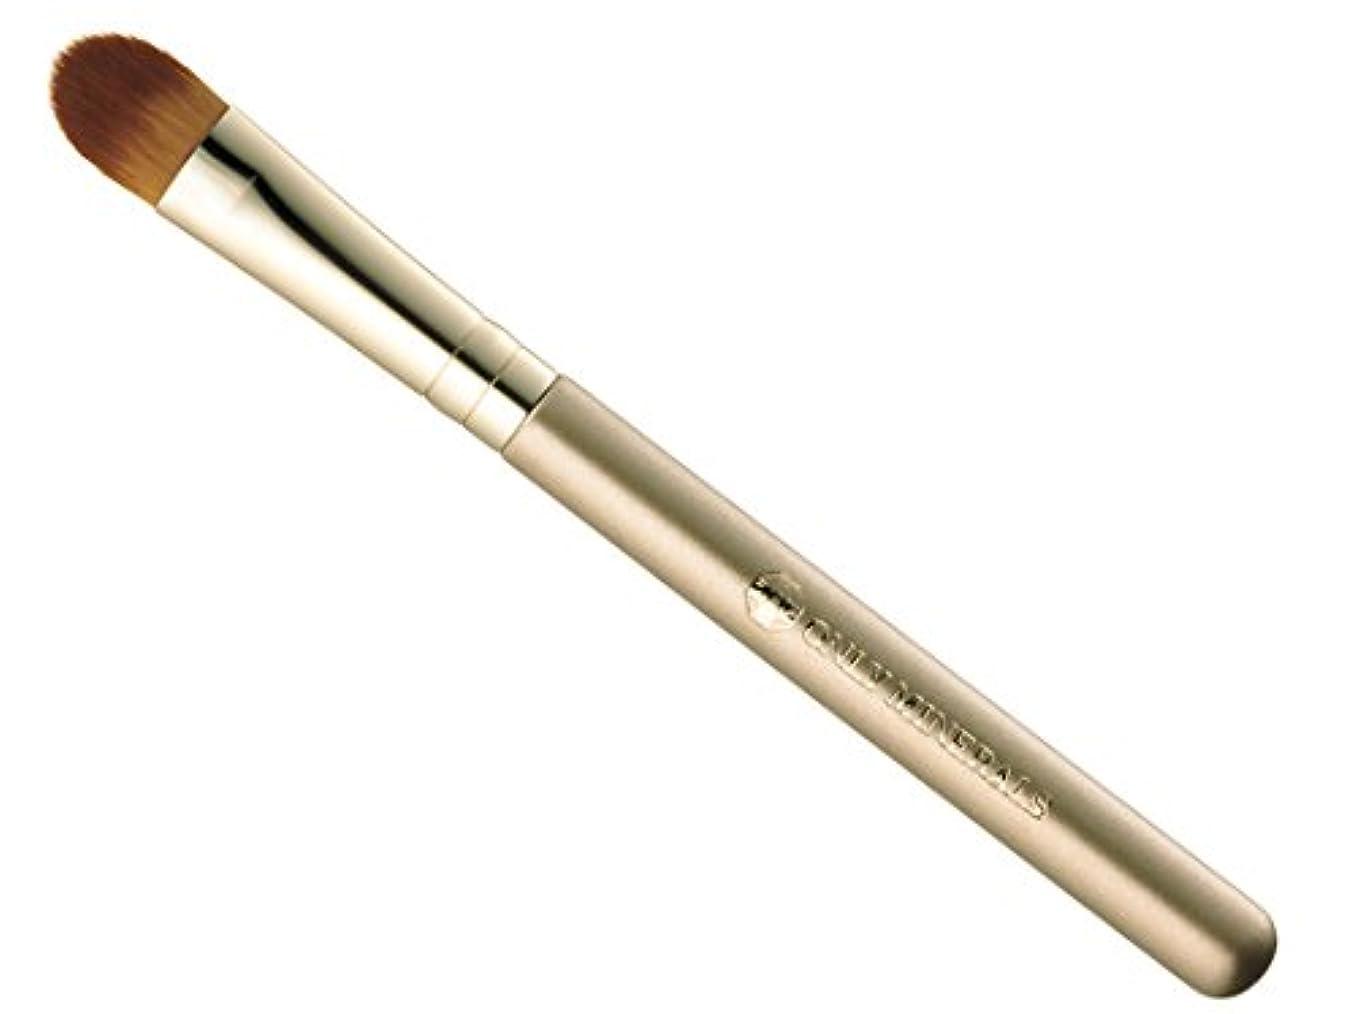 十分に引き算バイオリニストオンリーミネラル コンシーラー&ハイライトブラシ 12.5cm